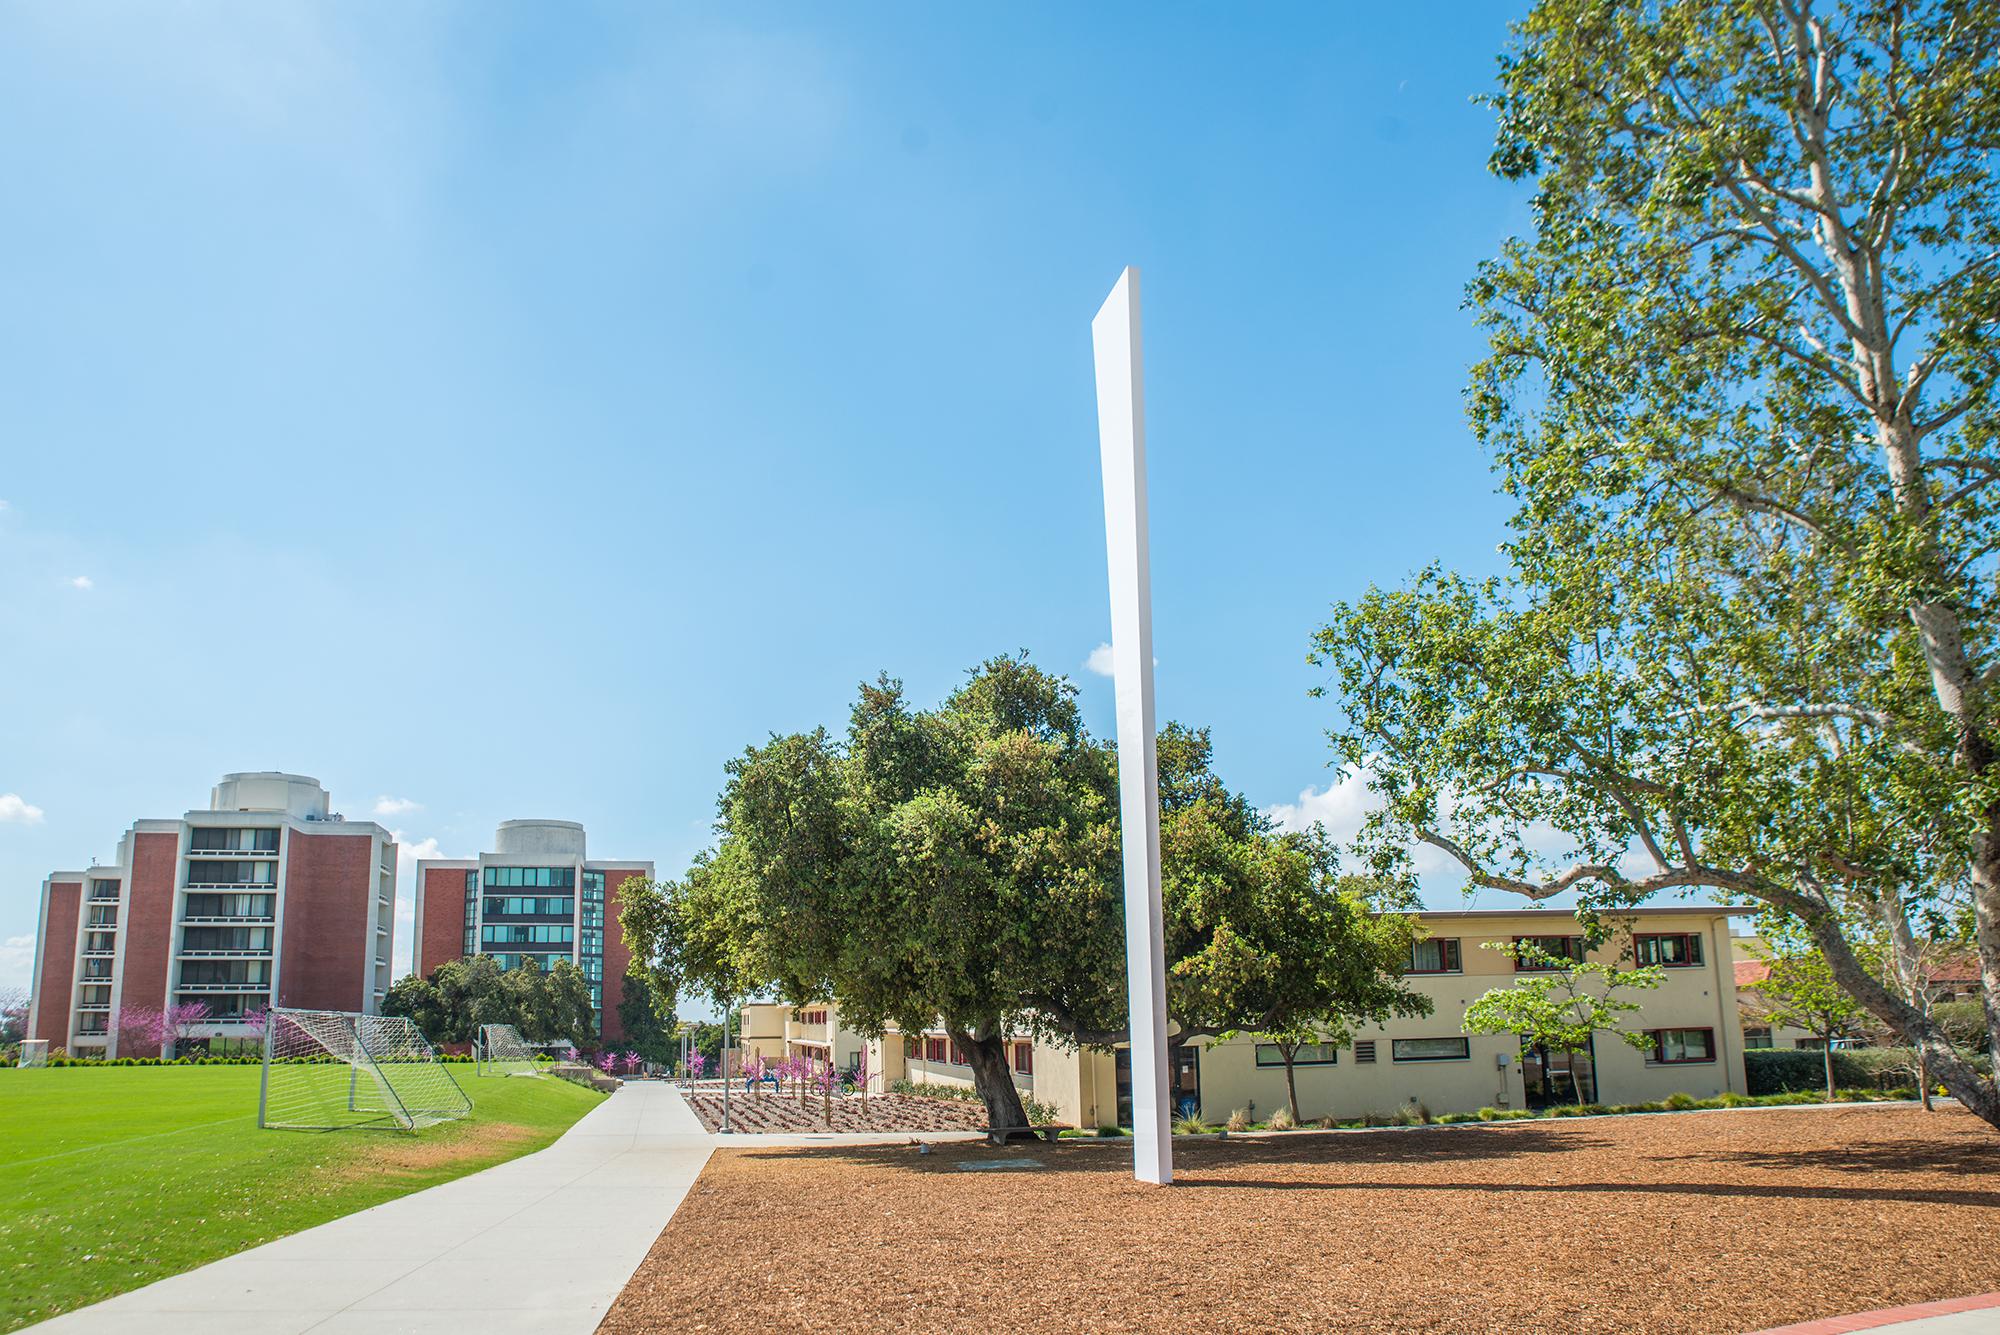 Installation on Campus of Ellsworth Kelly Totem